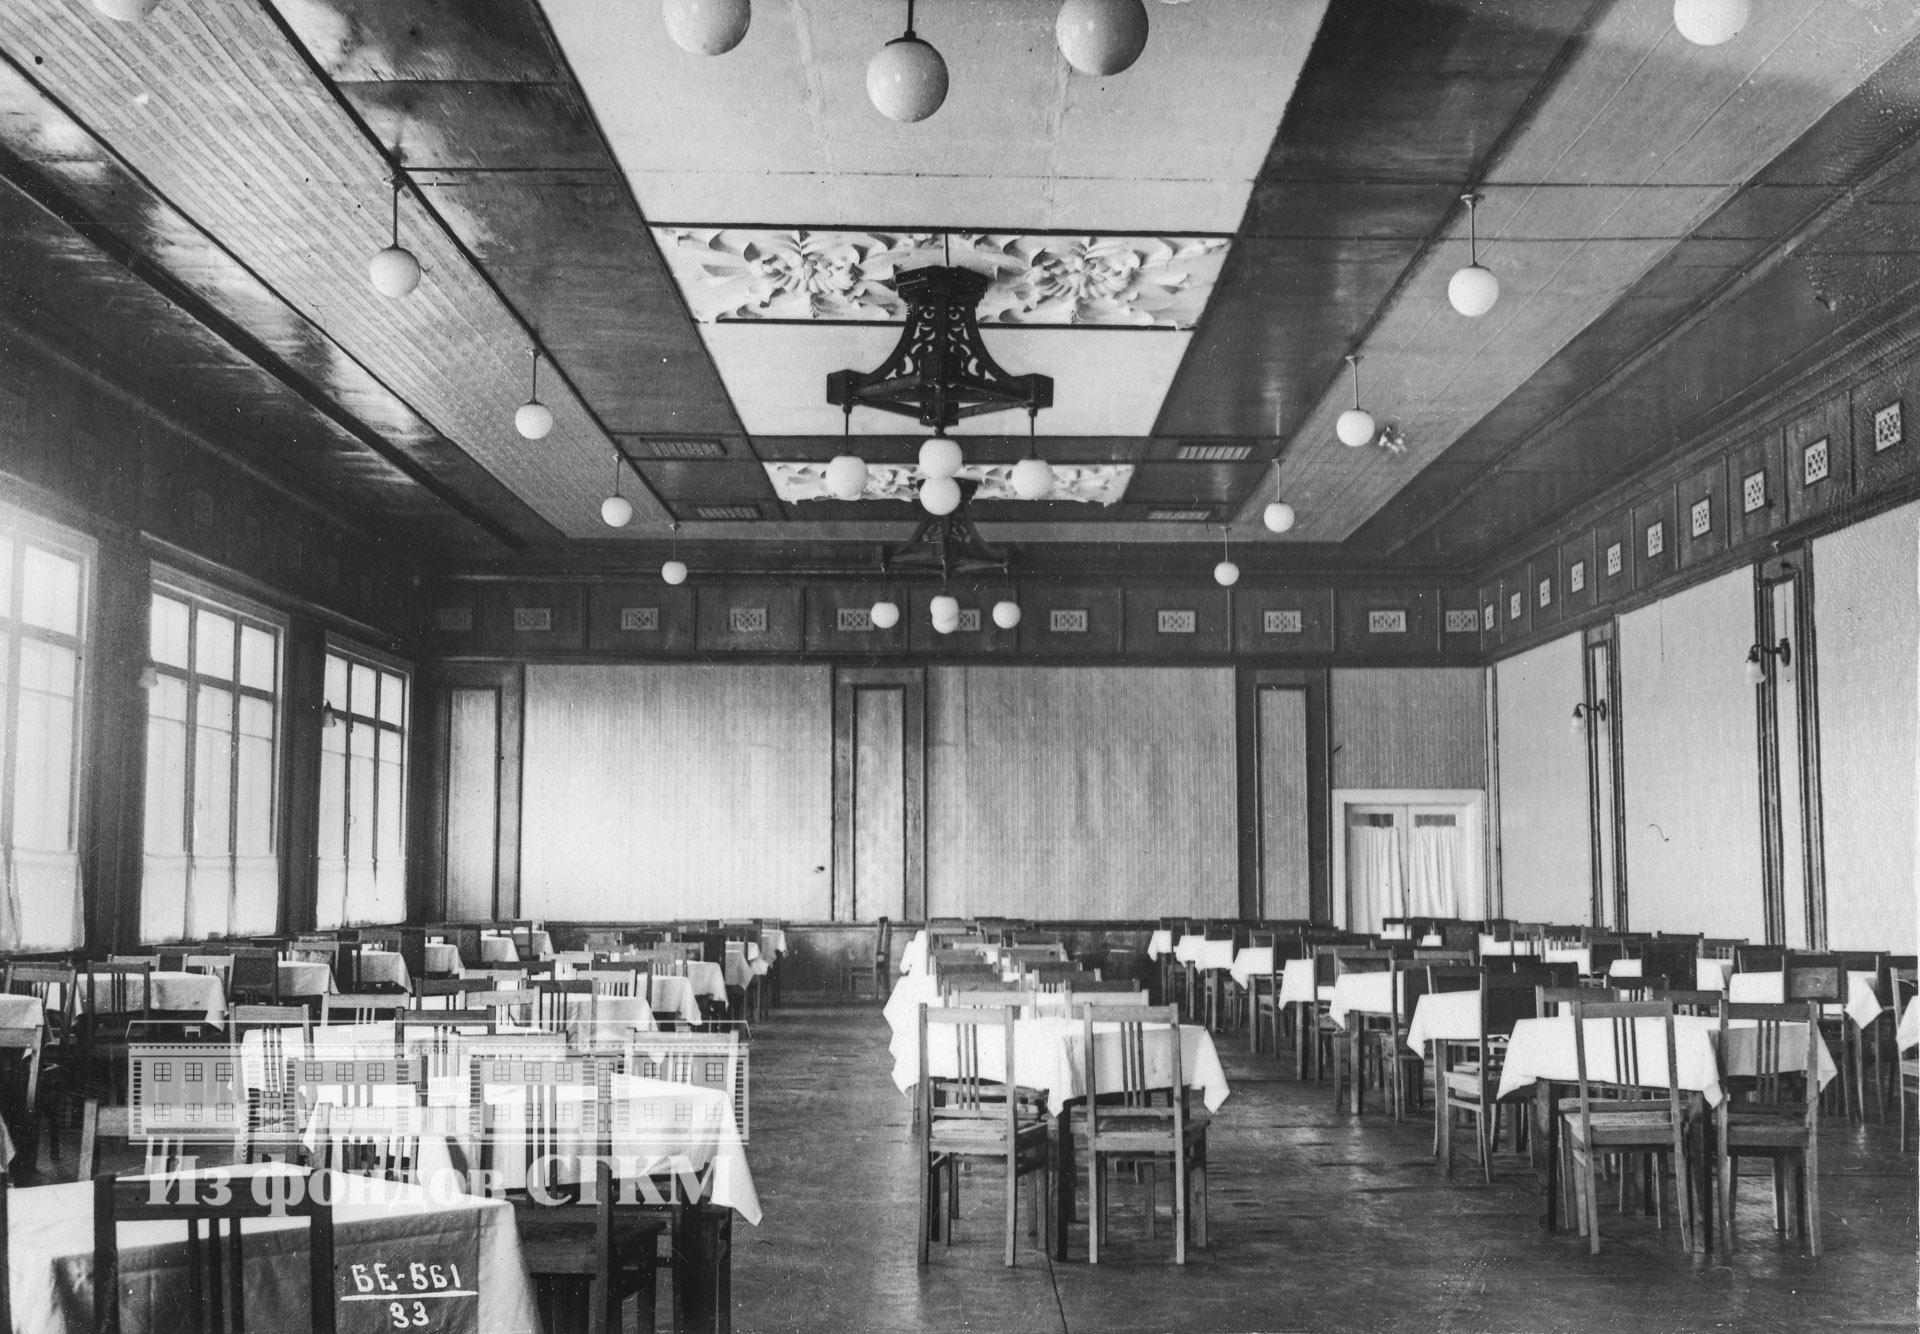 1940. Внутренние помещения Первой столовой строительства № 203 НКВД СССР